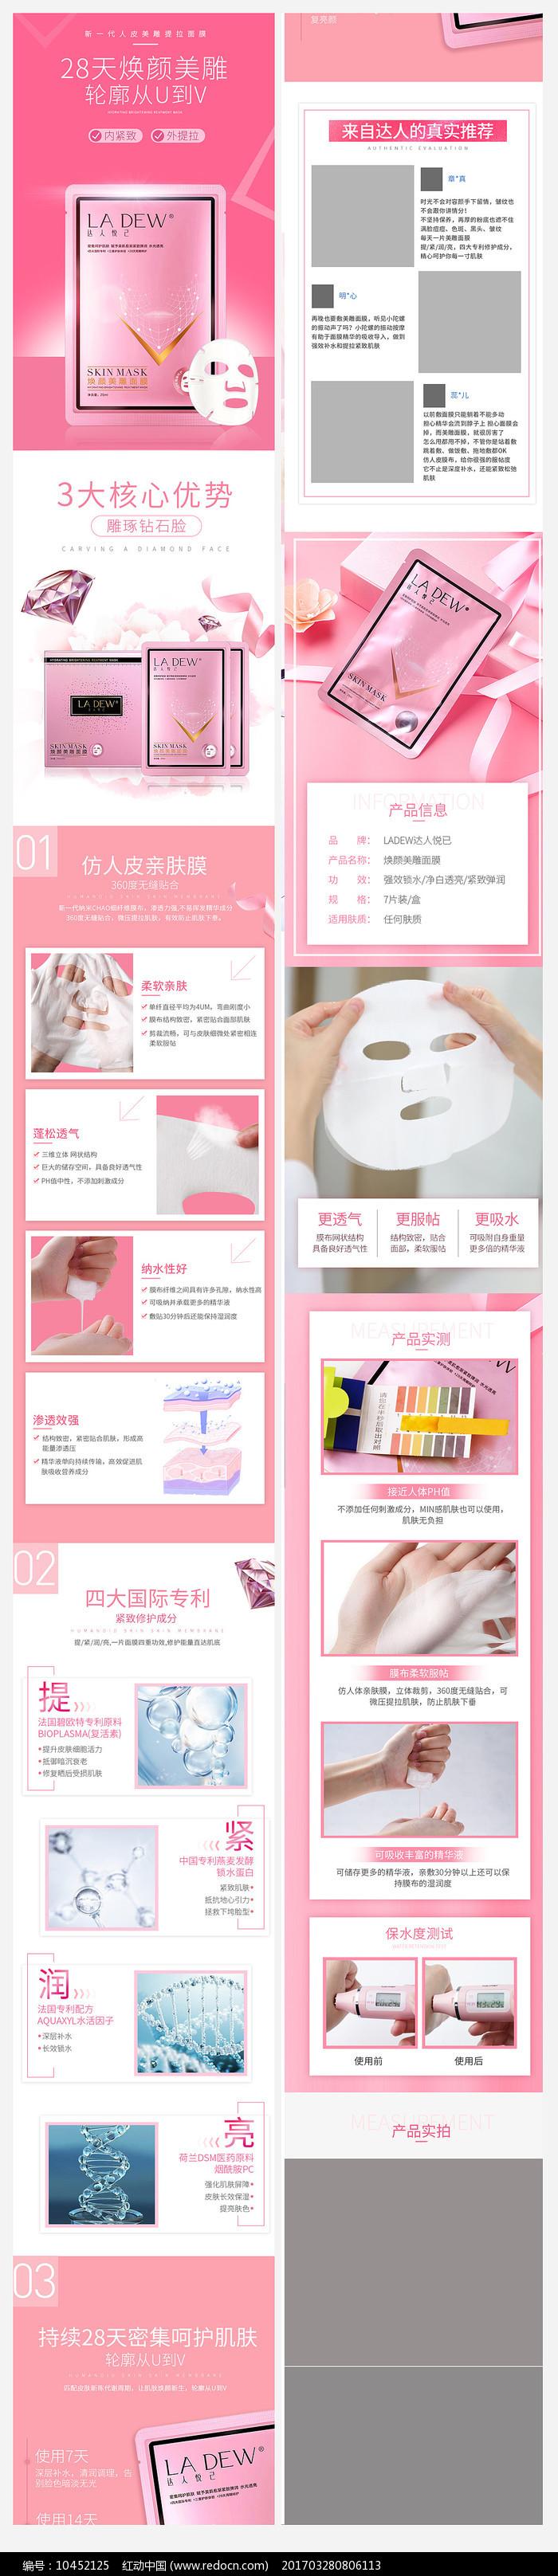 淘宝粉色护肤品面膜详情页模板图片